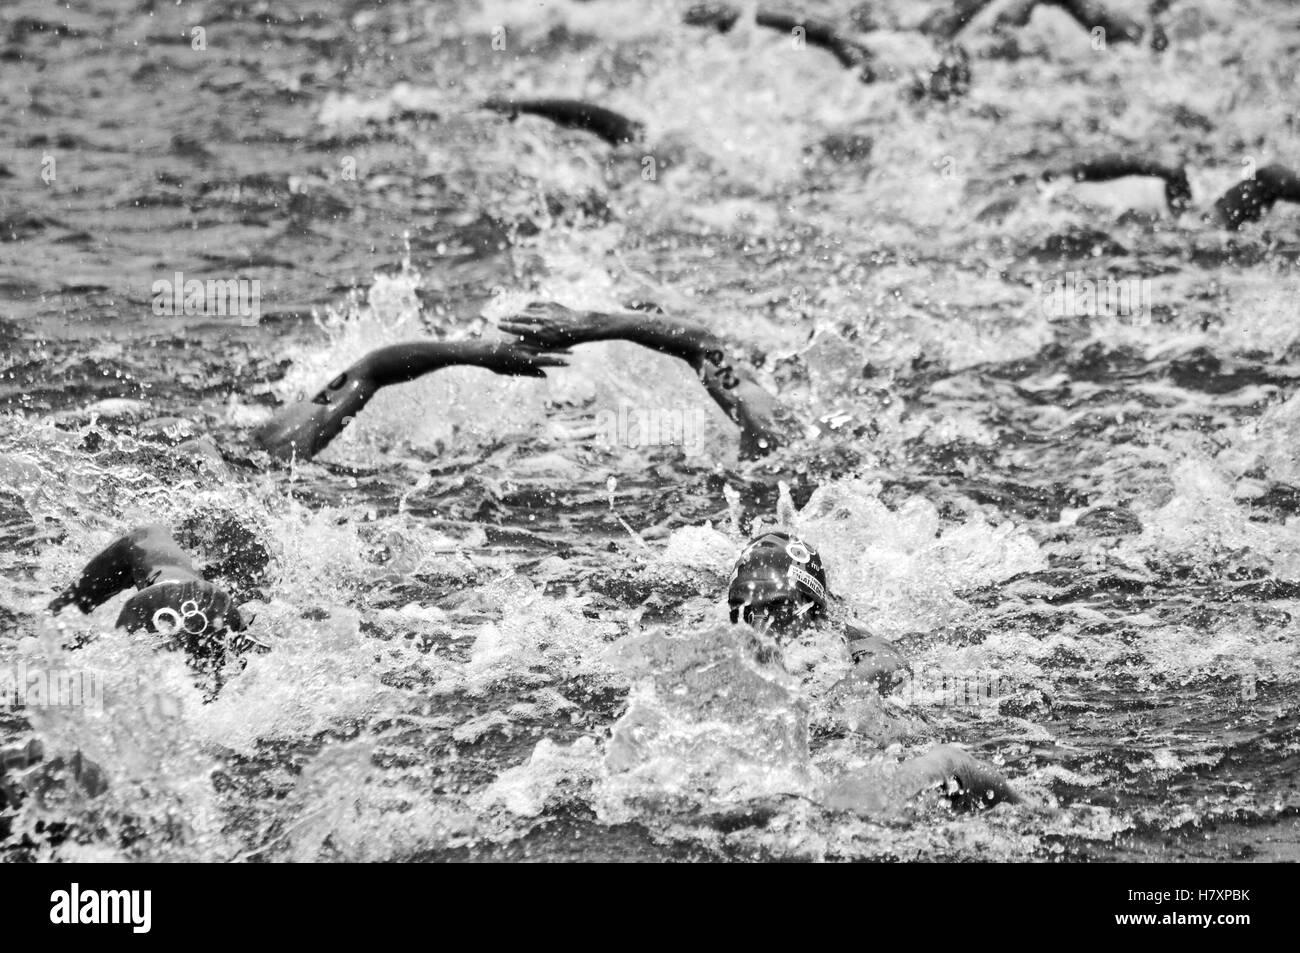 Deutschland, Hamburg, 17.07.2010, Dextro Energy Triathlon ITU World Championship - Schwimmen der Pro´s Herren - Stock Image